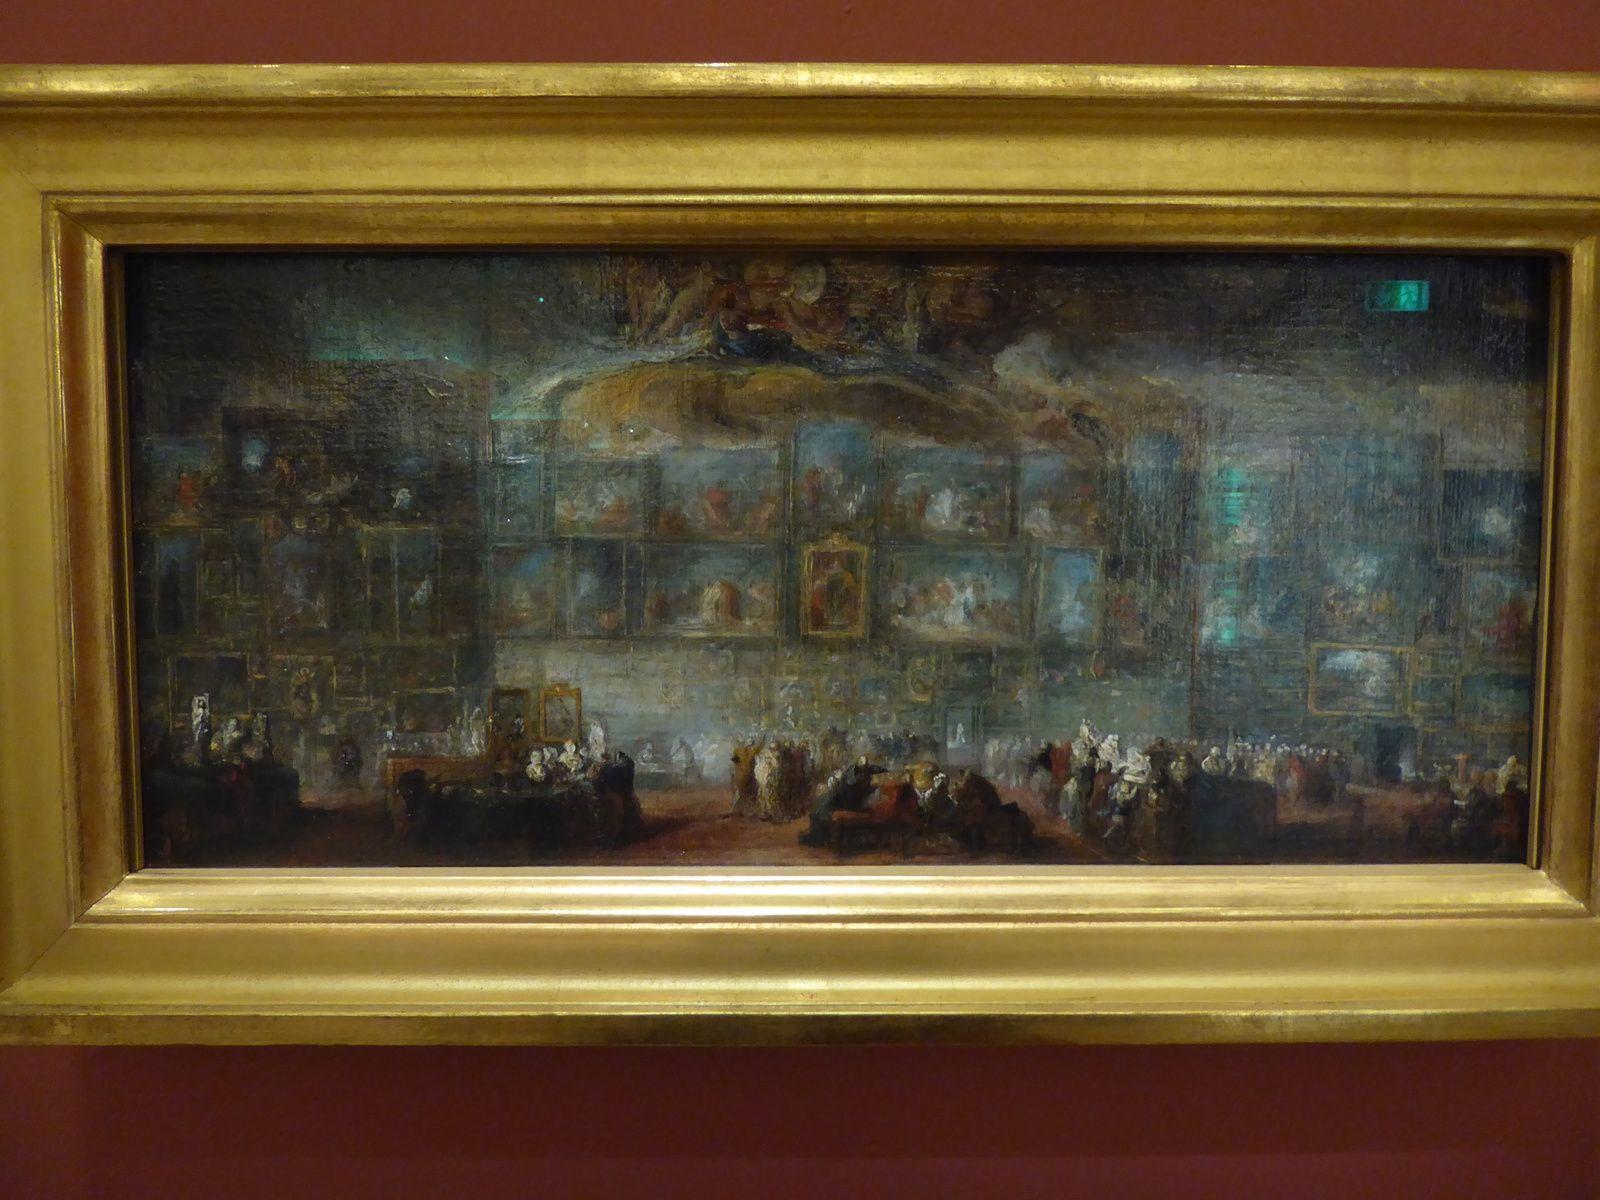 Les Salons au Louvre